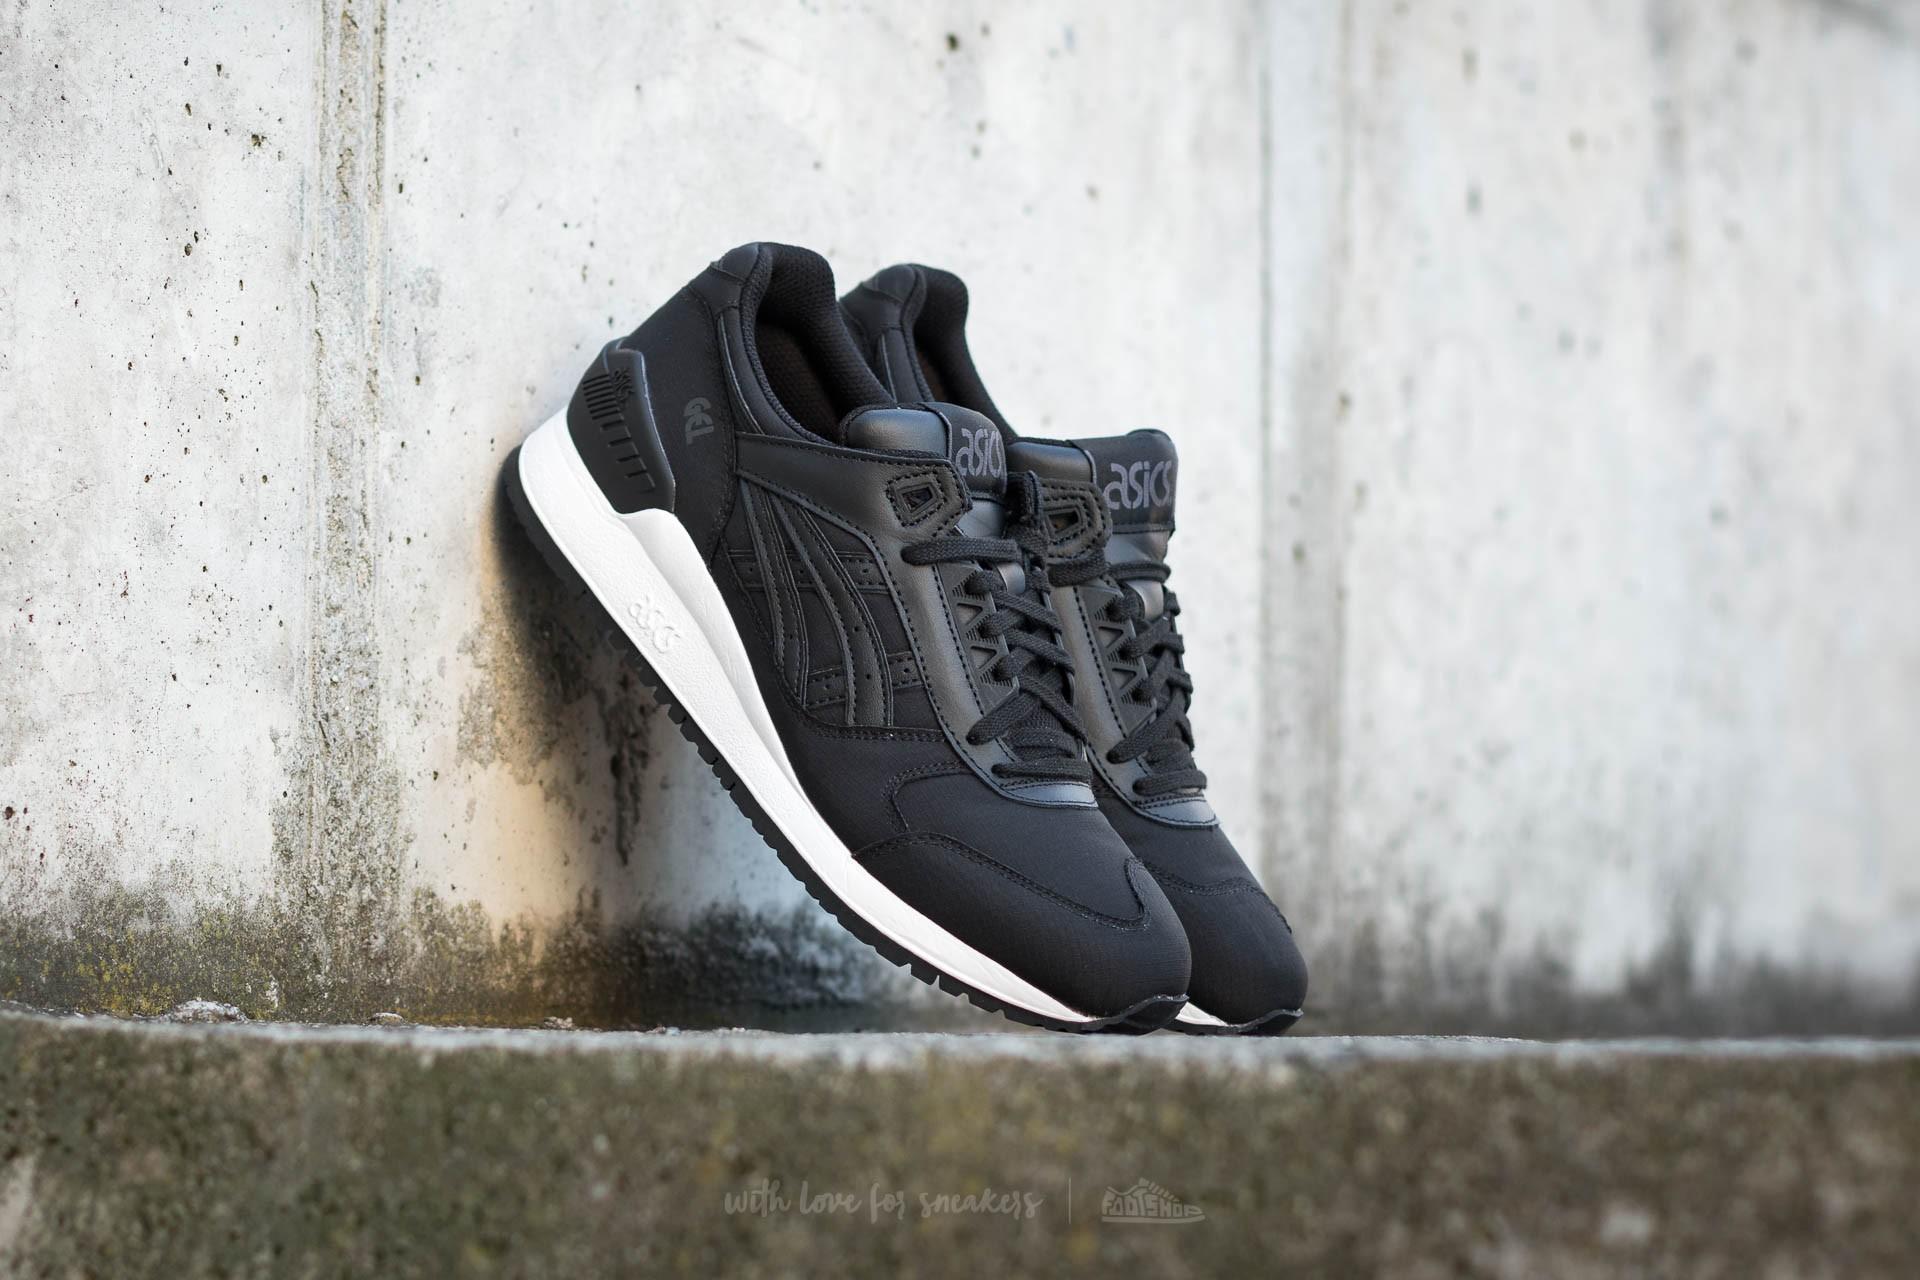 meilleure sélection abd50 5971e Asics Gel-Respector Black/ Black | Footshop